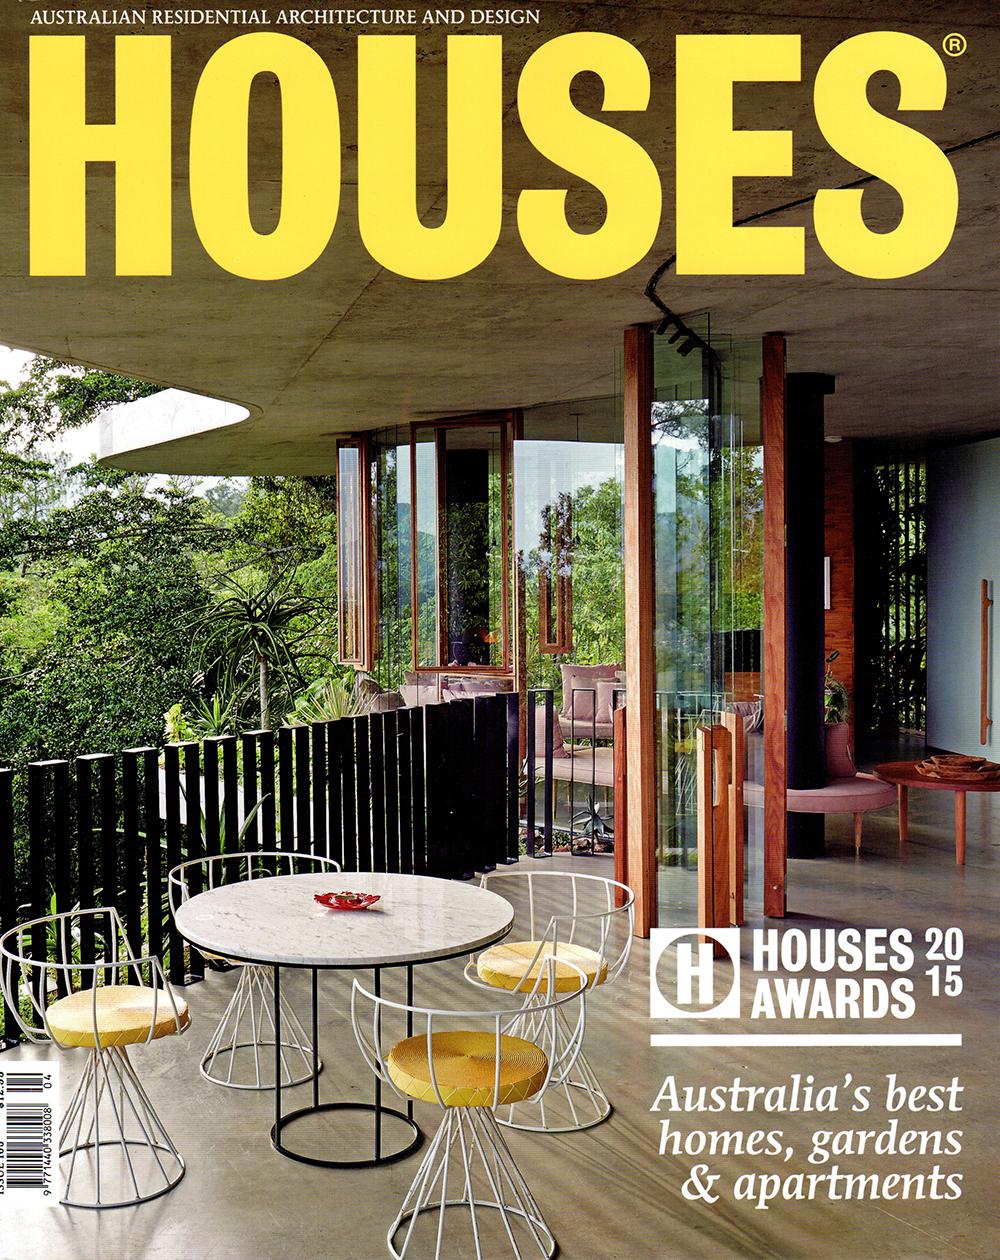 House Magazine, Australia